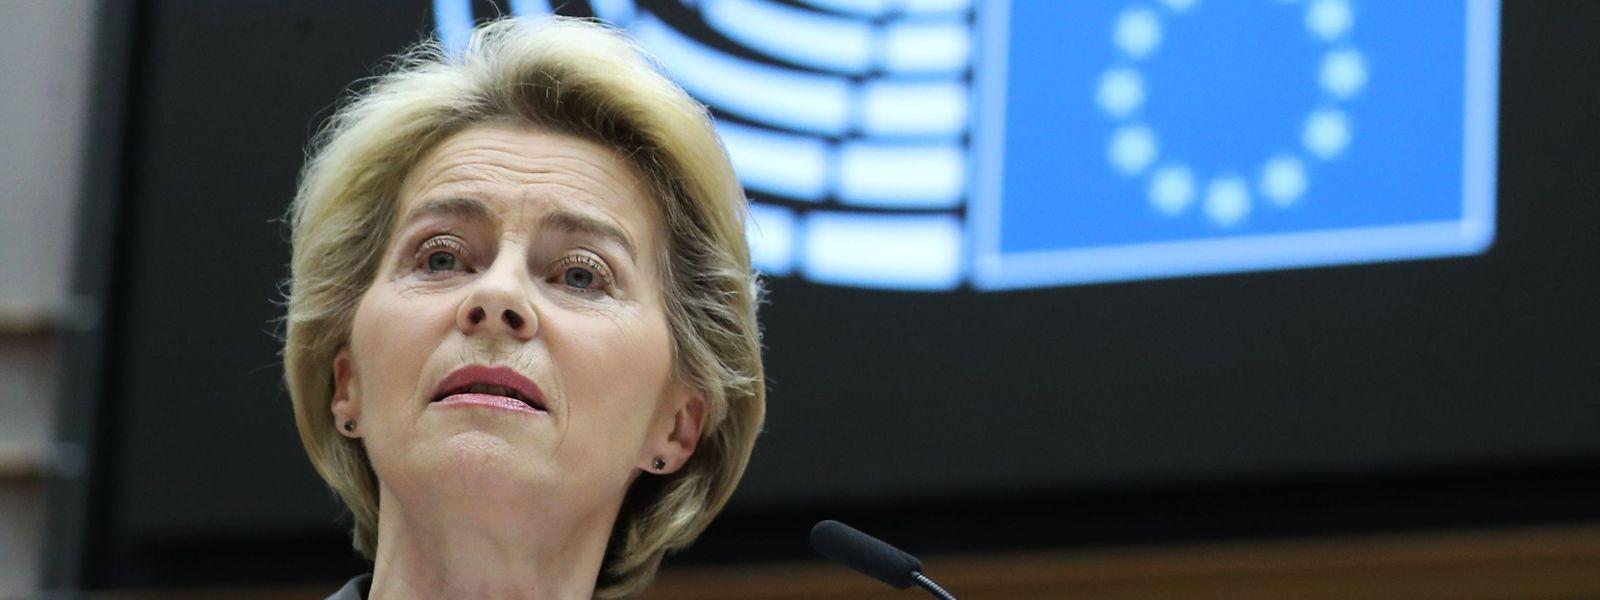 Presidente da Comissão Europeia, Ursula von der Leyen.